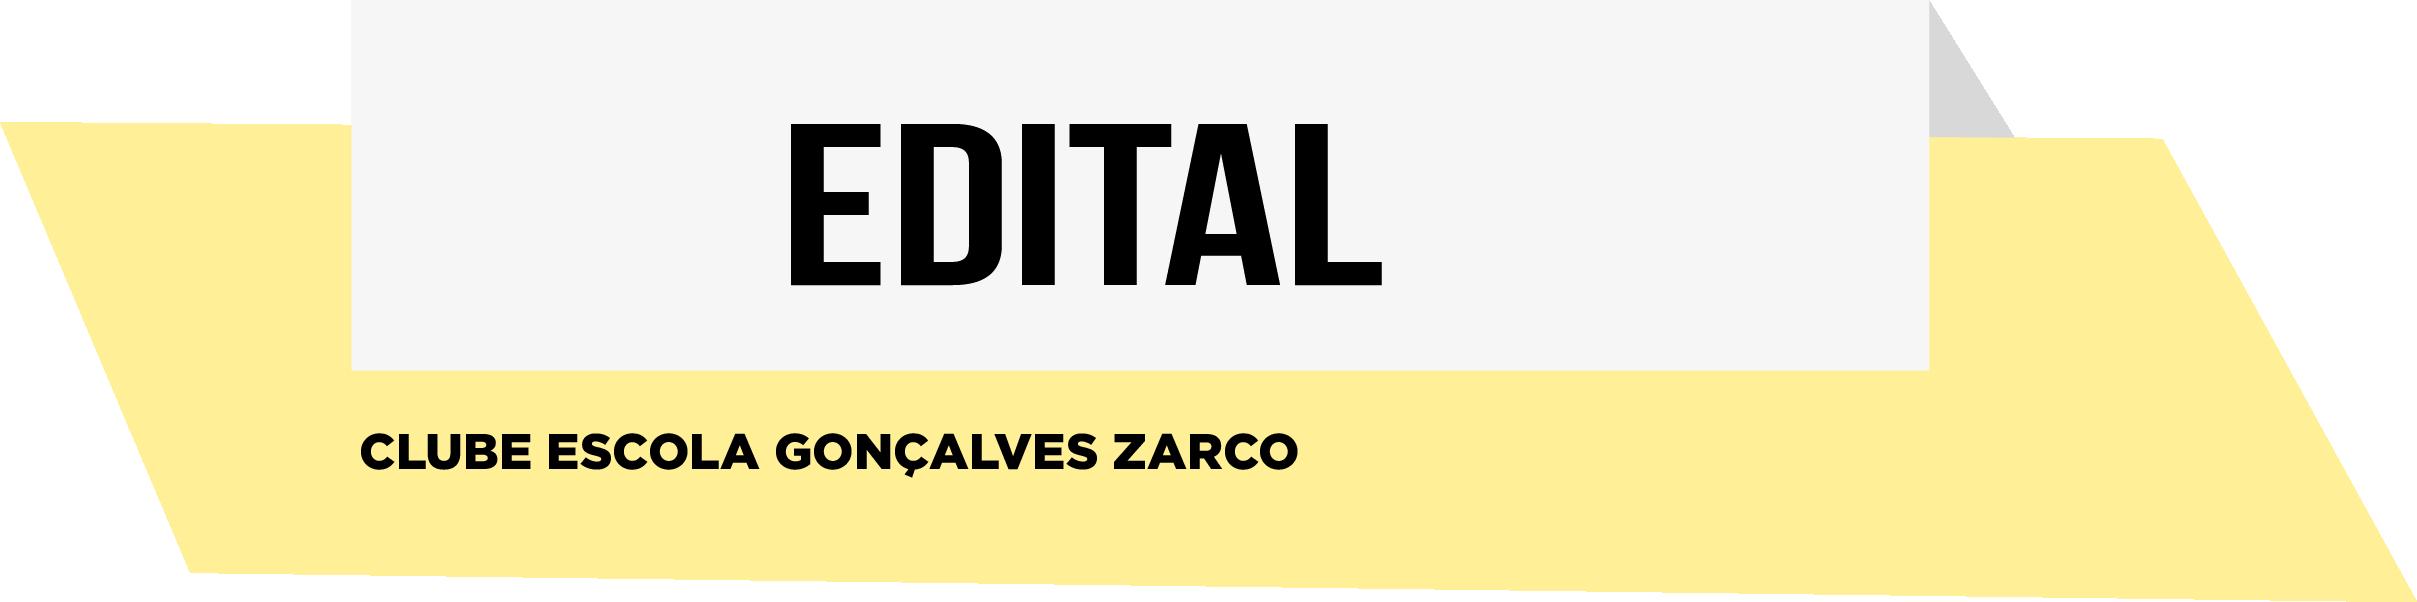 EDITAL- Clube Escola Gonçalves Zarco